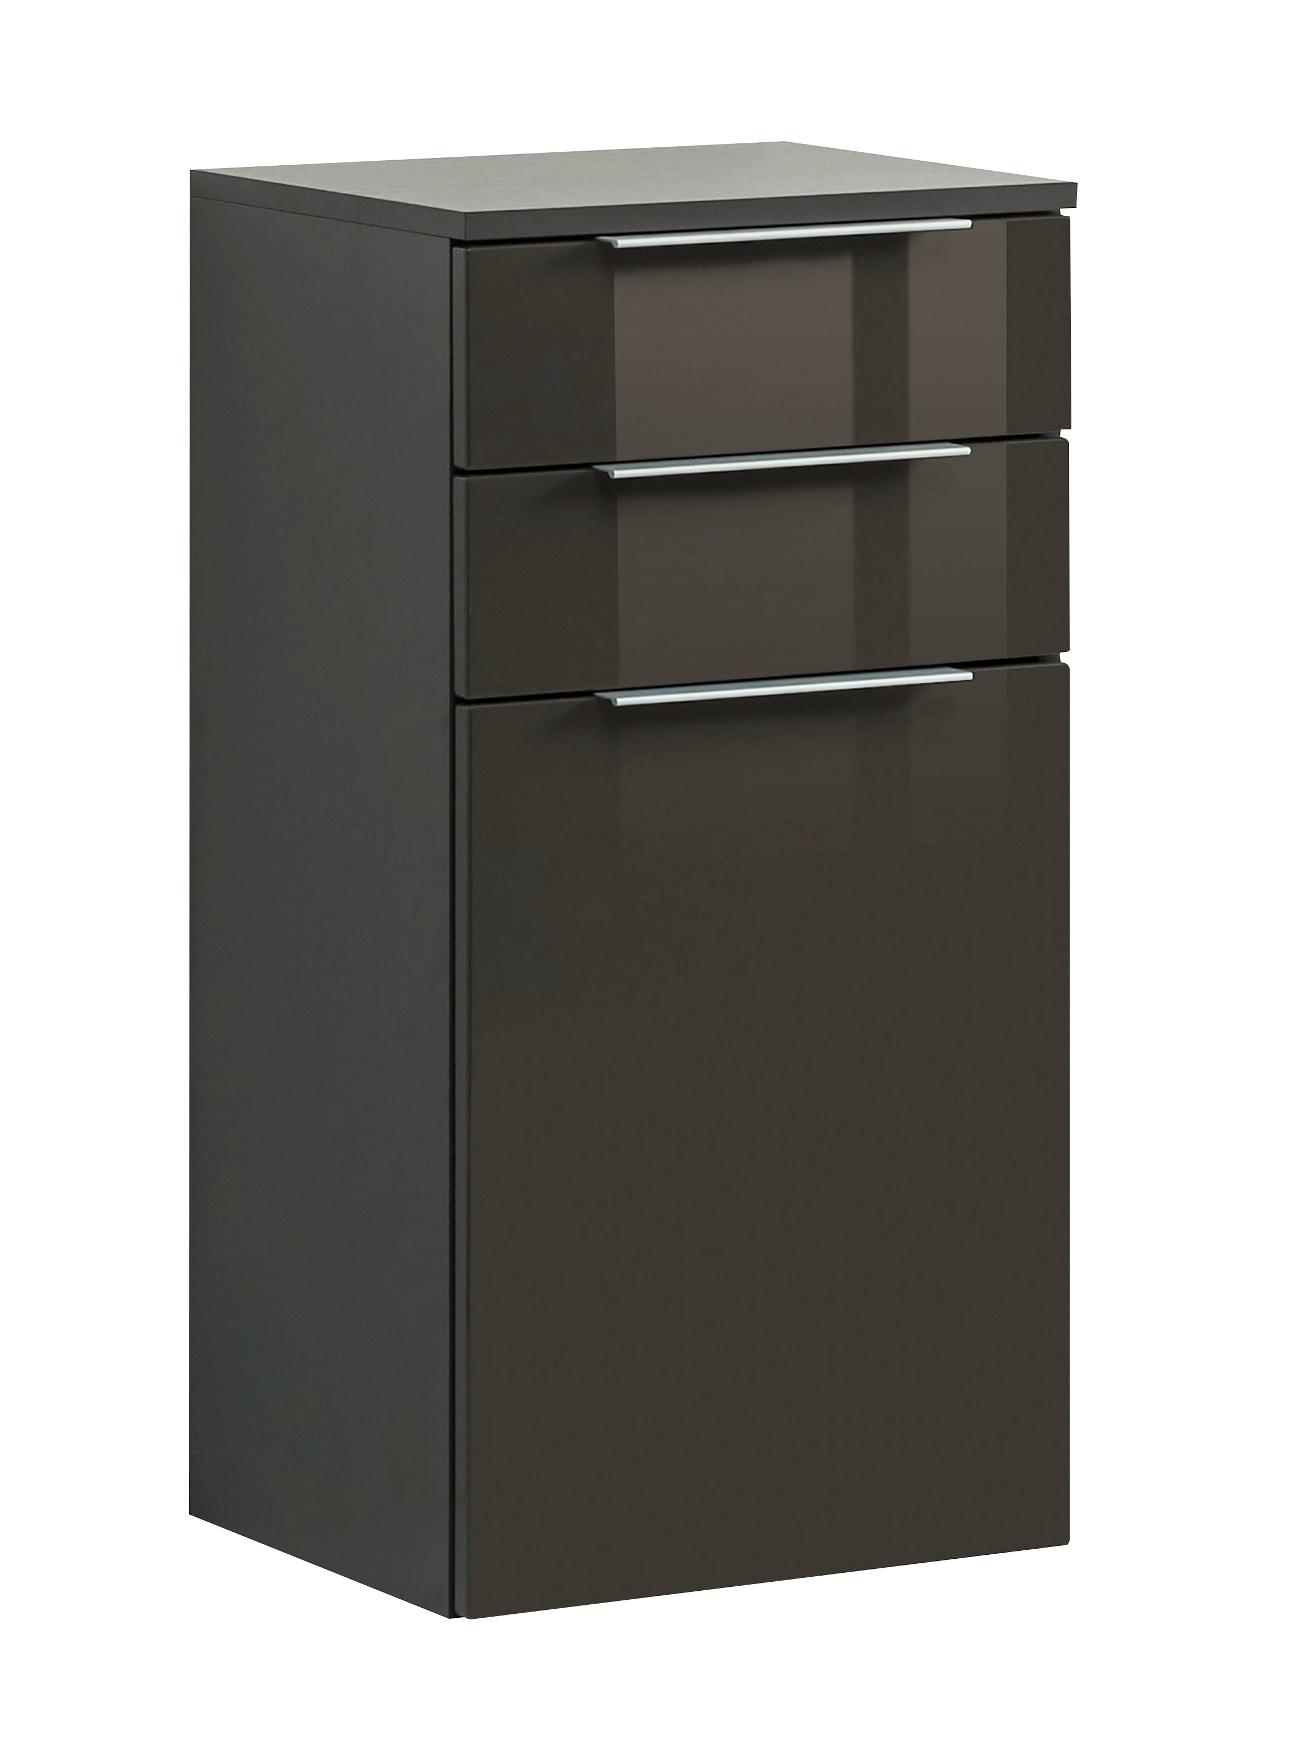 bad unterschrank ravello 1 t rig 2 schubladen 40 cm breit grau bad bad unterschr nke. Black Bedroom Furniture Sets. Home Design Ideas